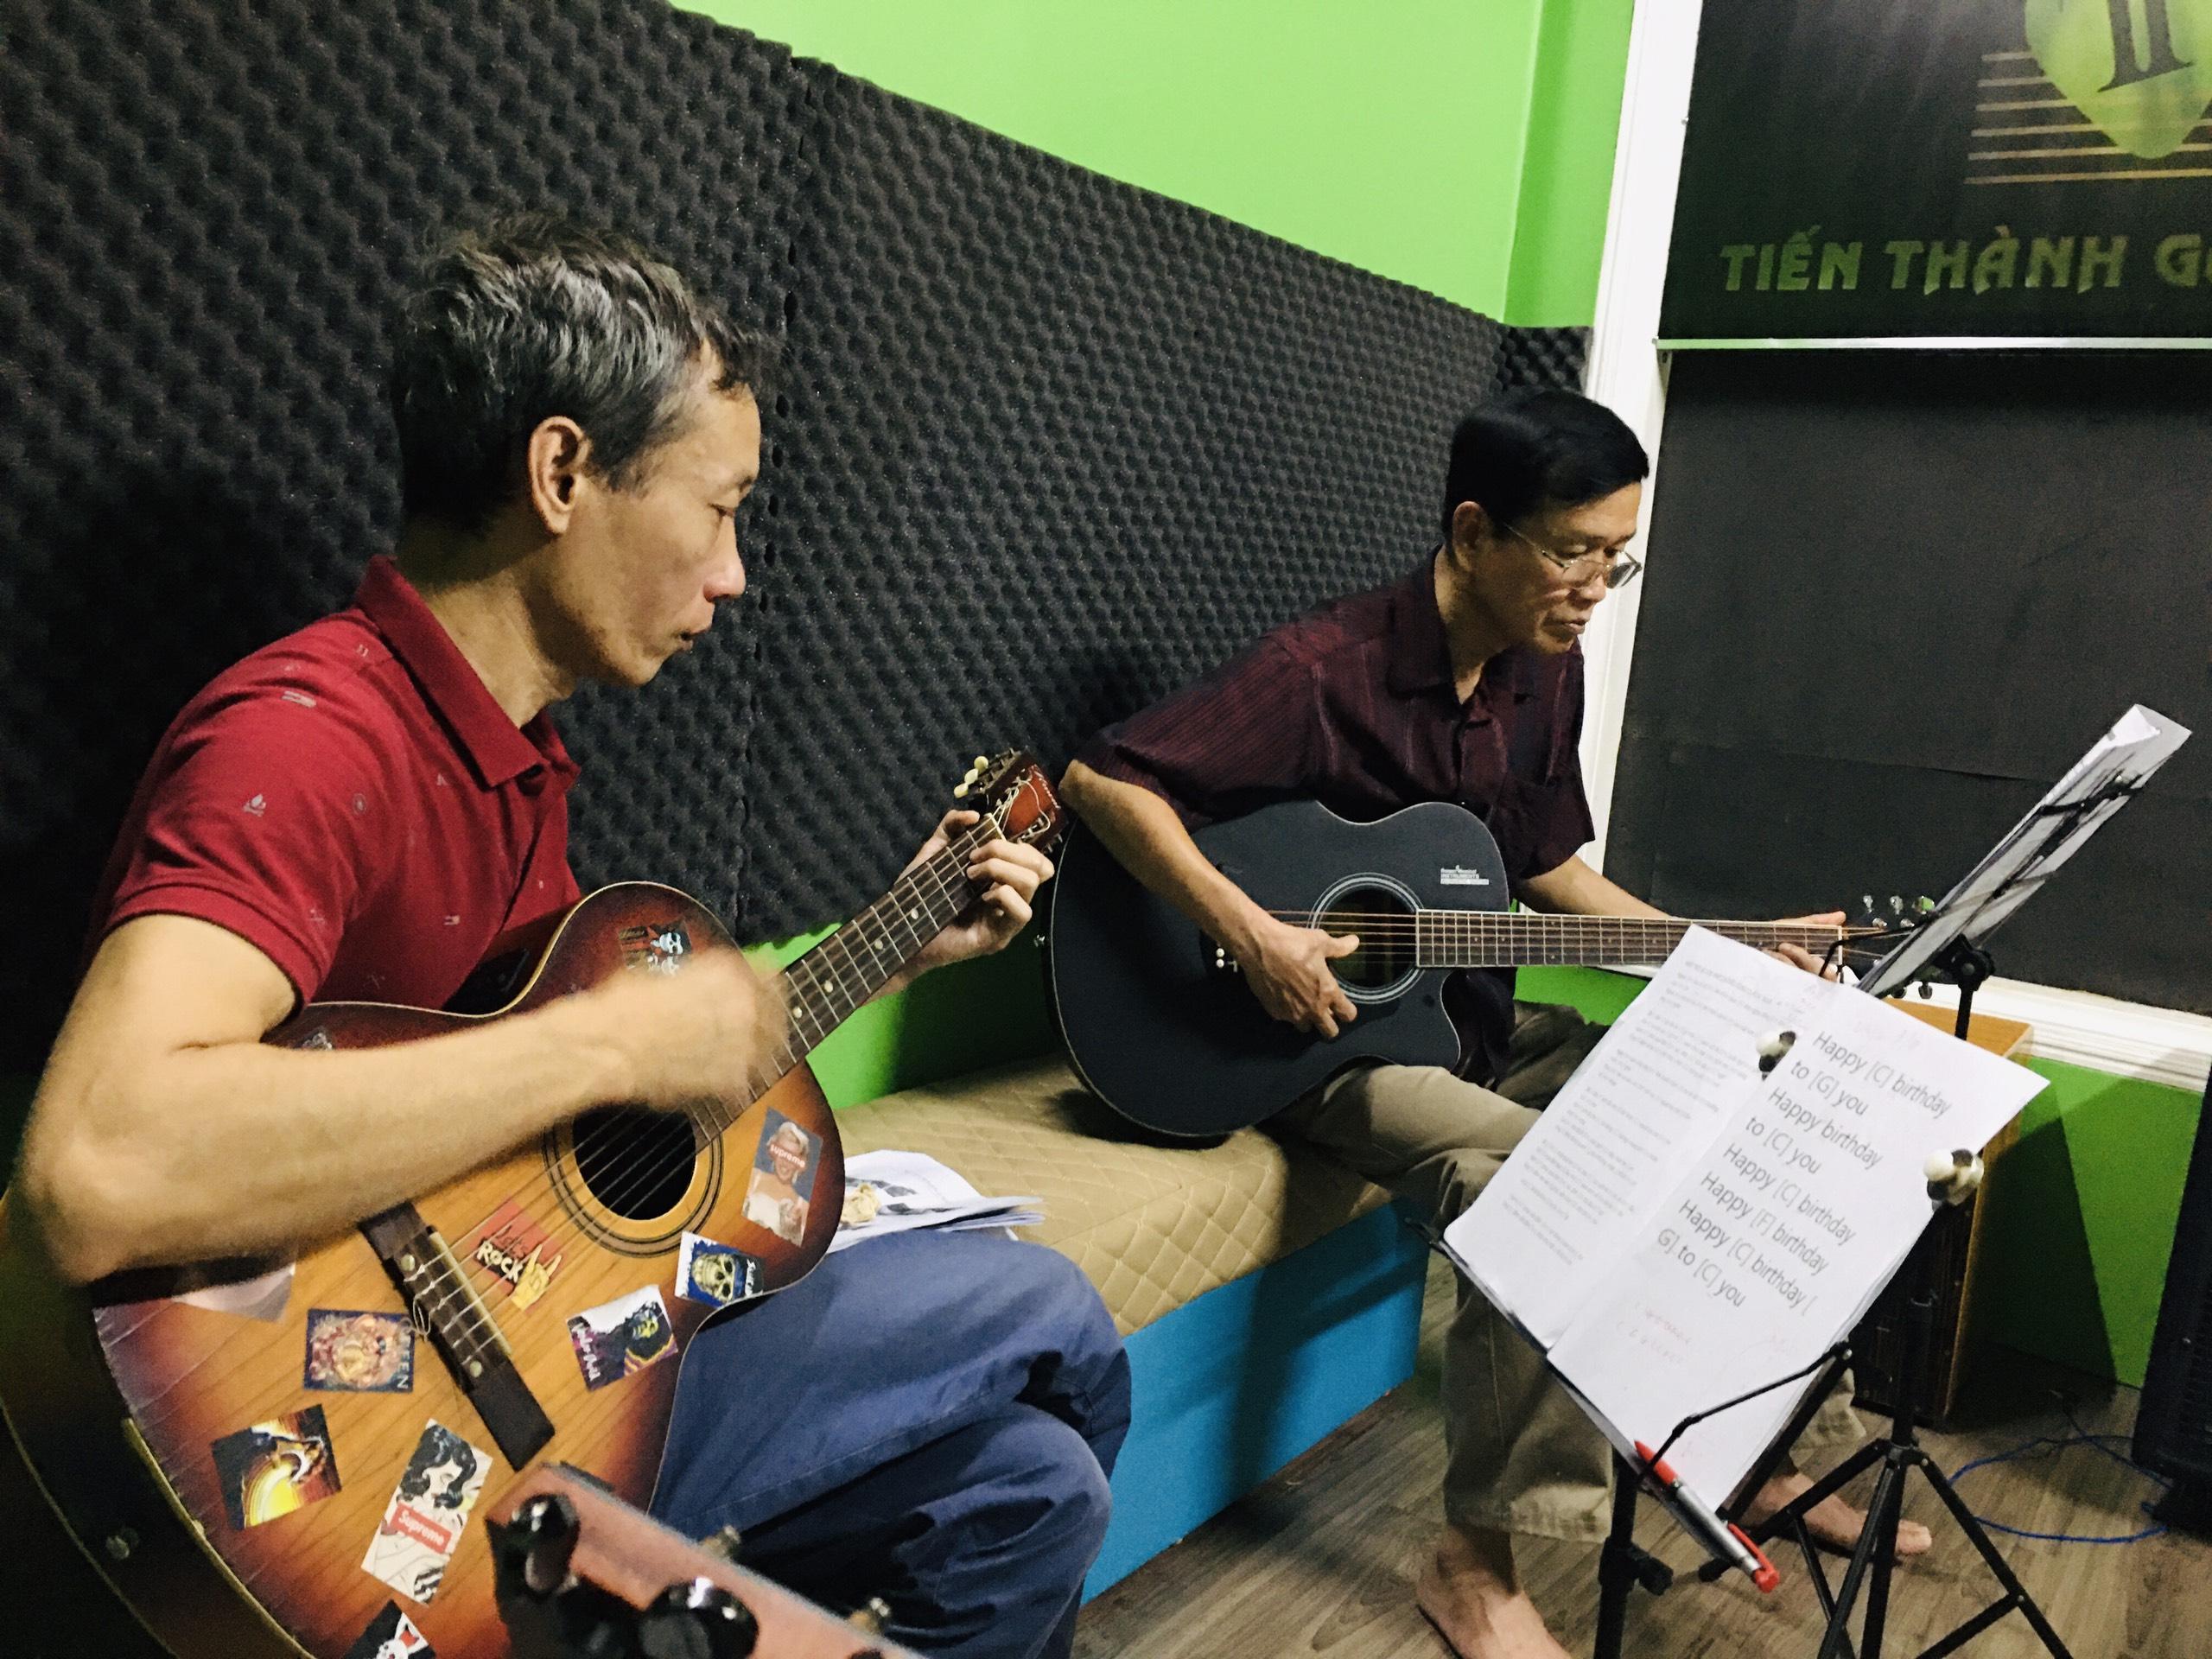 GIA SƯ DẠY GUITAR TẠI NHÀ - Tiến Thành Music School